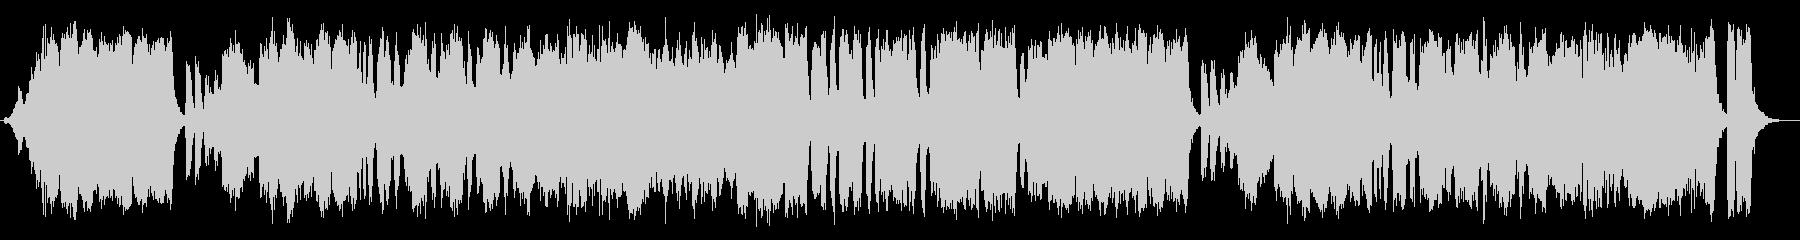 弦楽四重奏です。3分半ほどの短い曲です…の未再生の波形